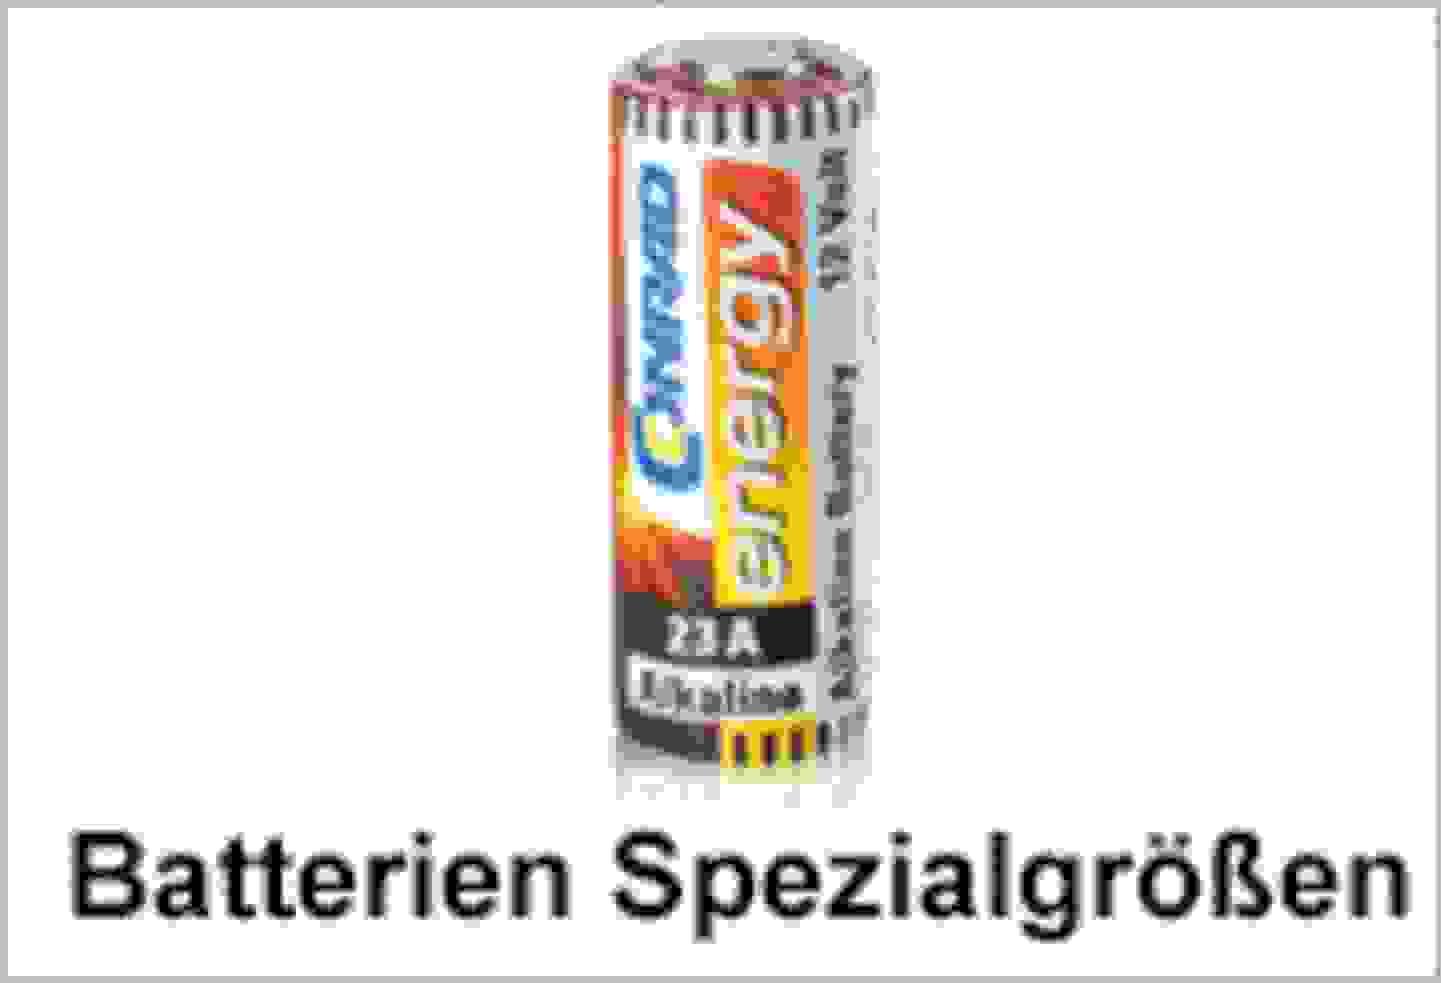 Conrad Energy Batterie-Spezialgrößen